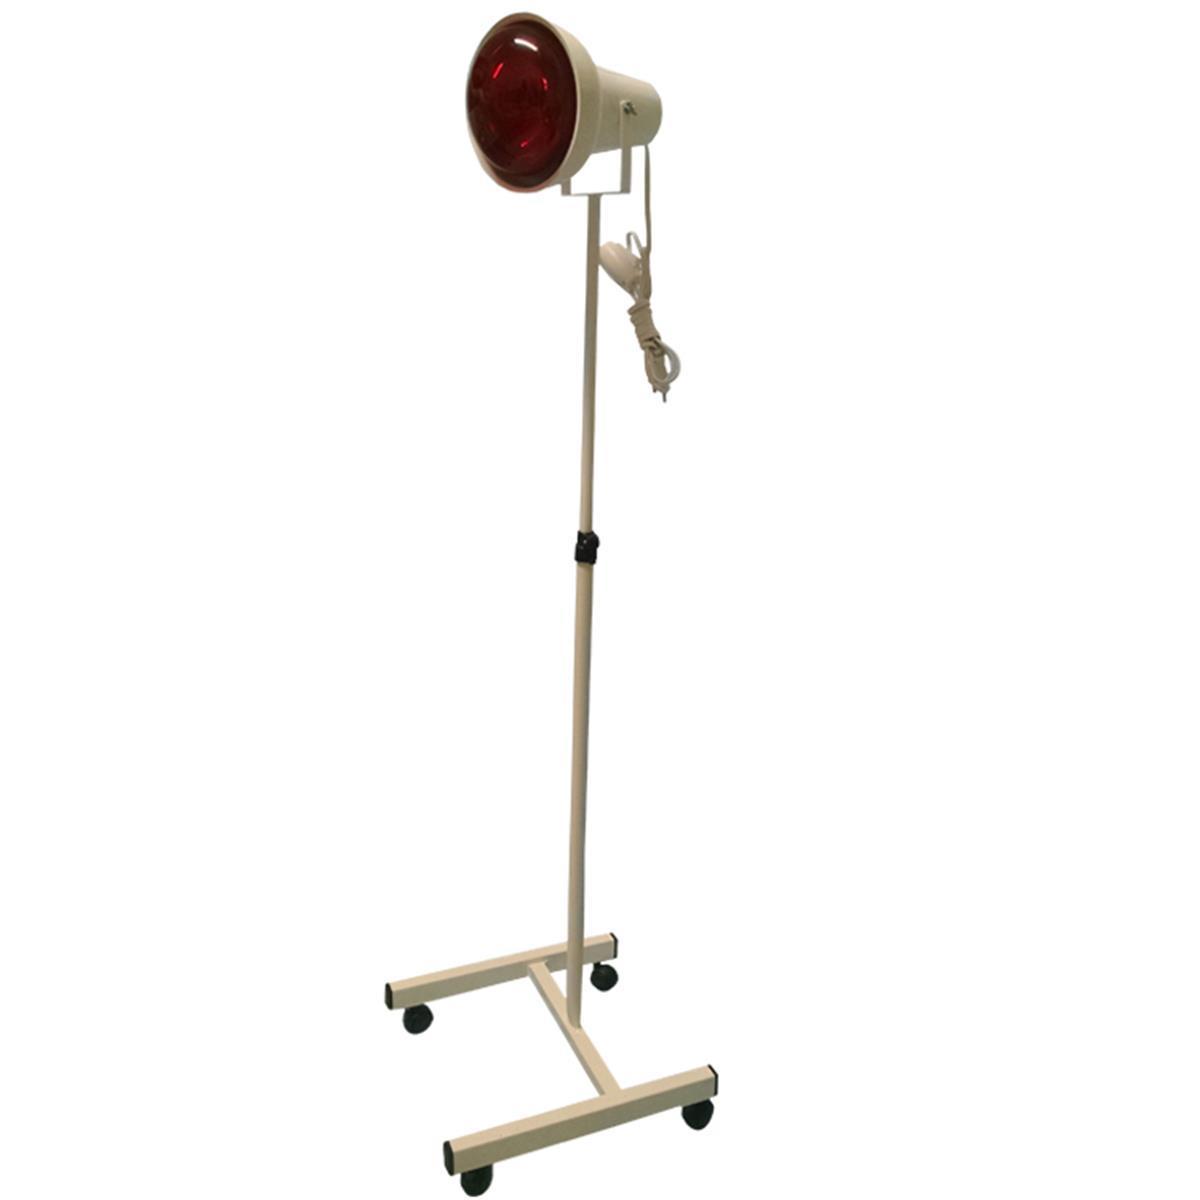 Infravermelho De Pedestal Sem Lâmpada Para Fisioterapia - Bivolt - Shopfisio